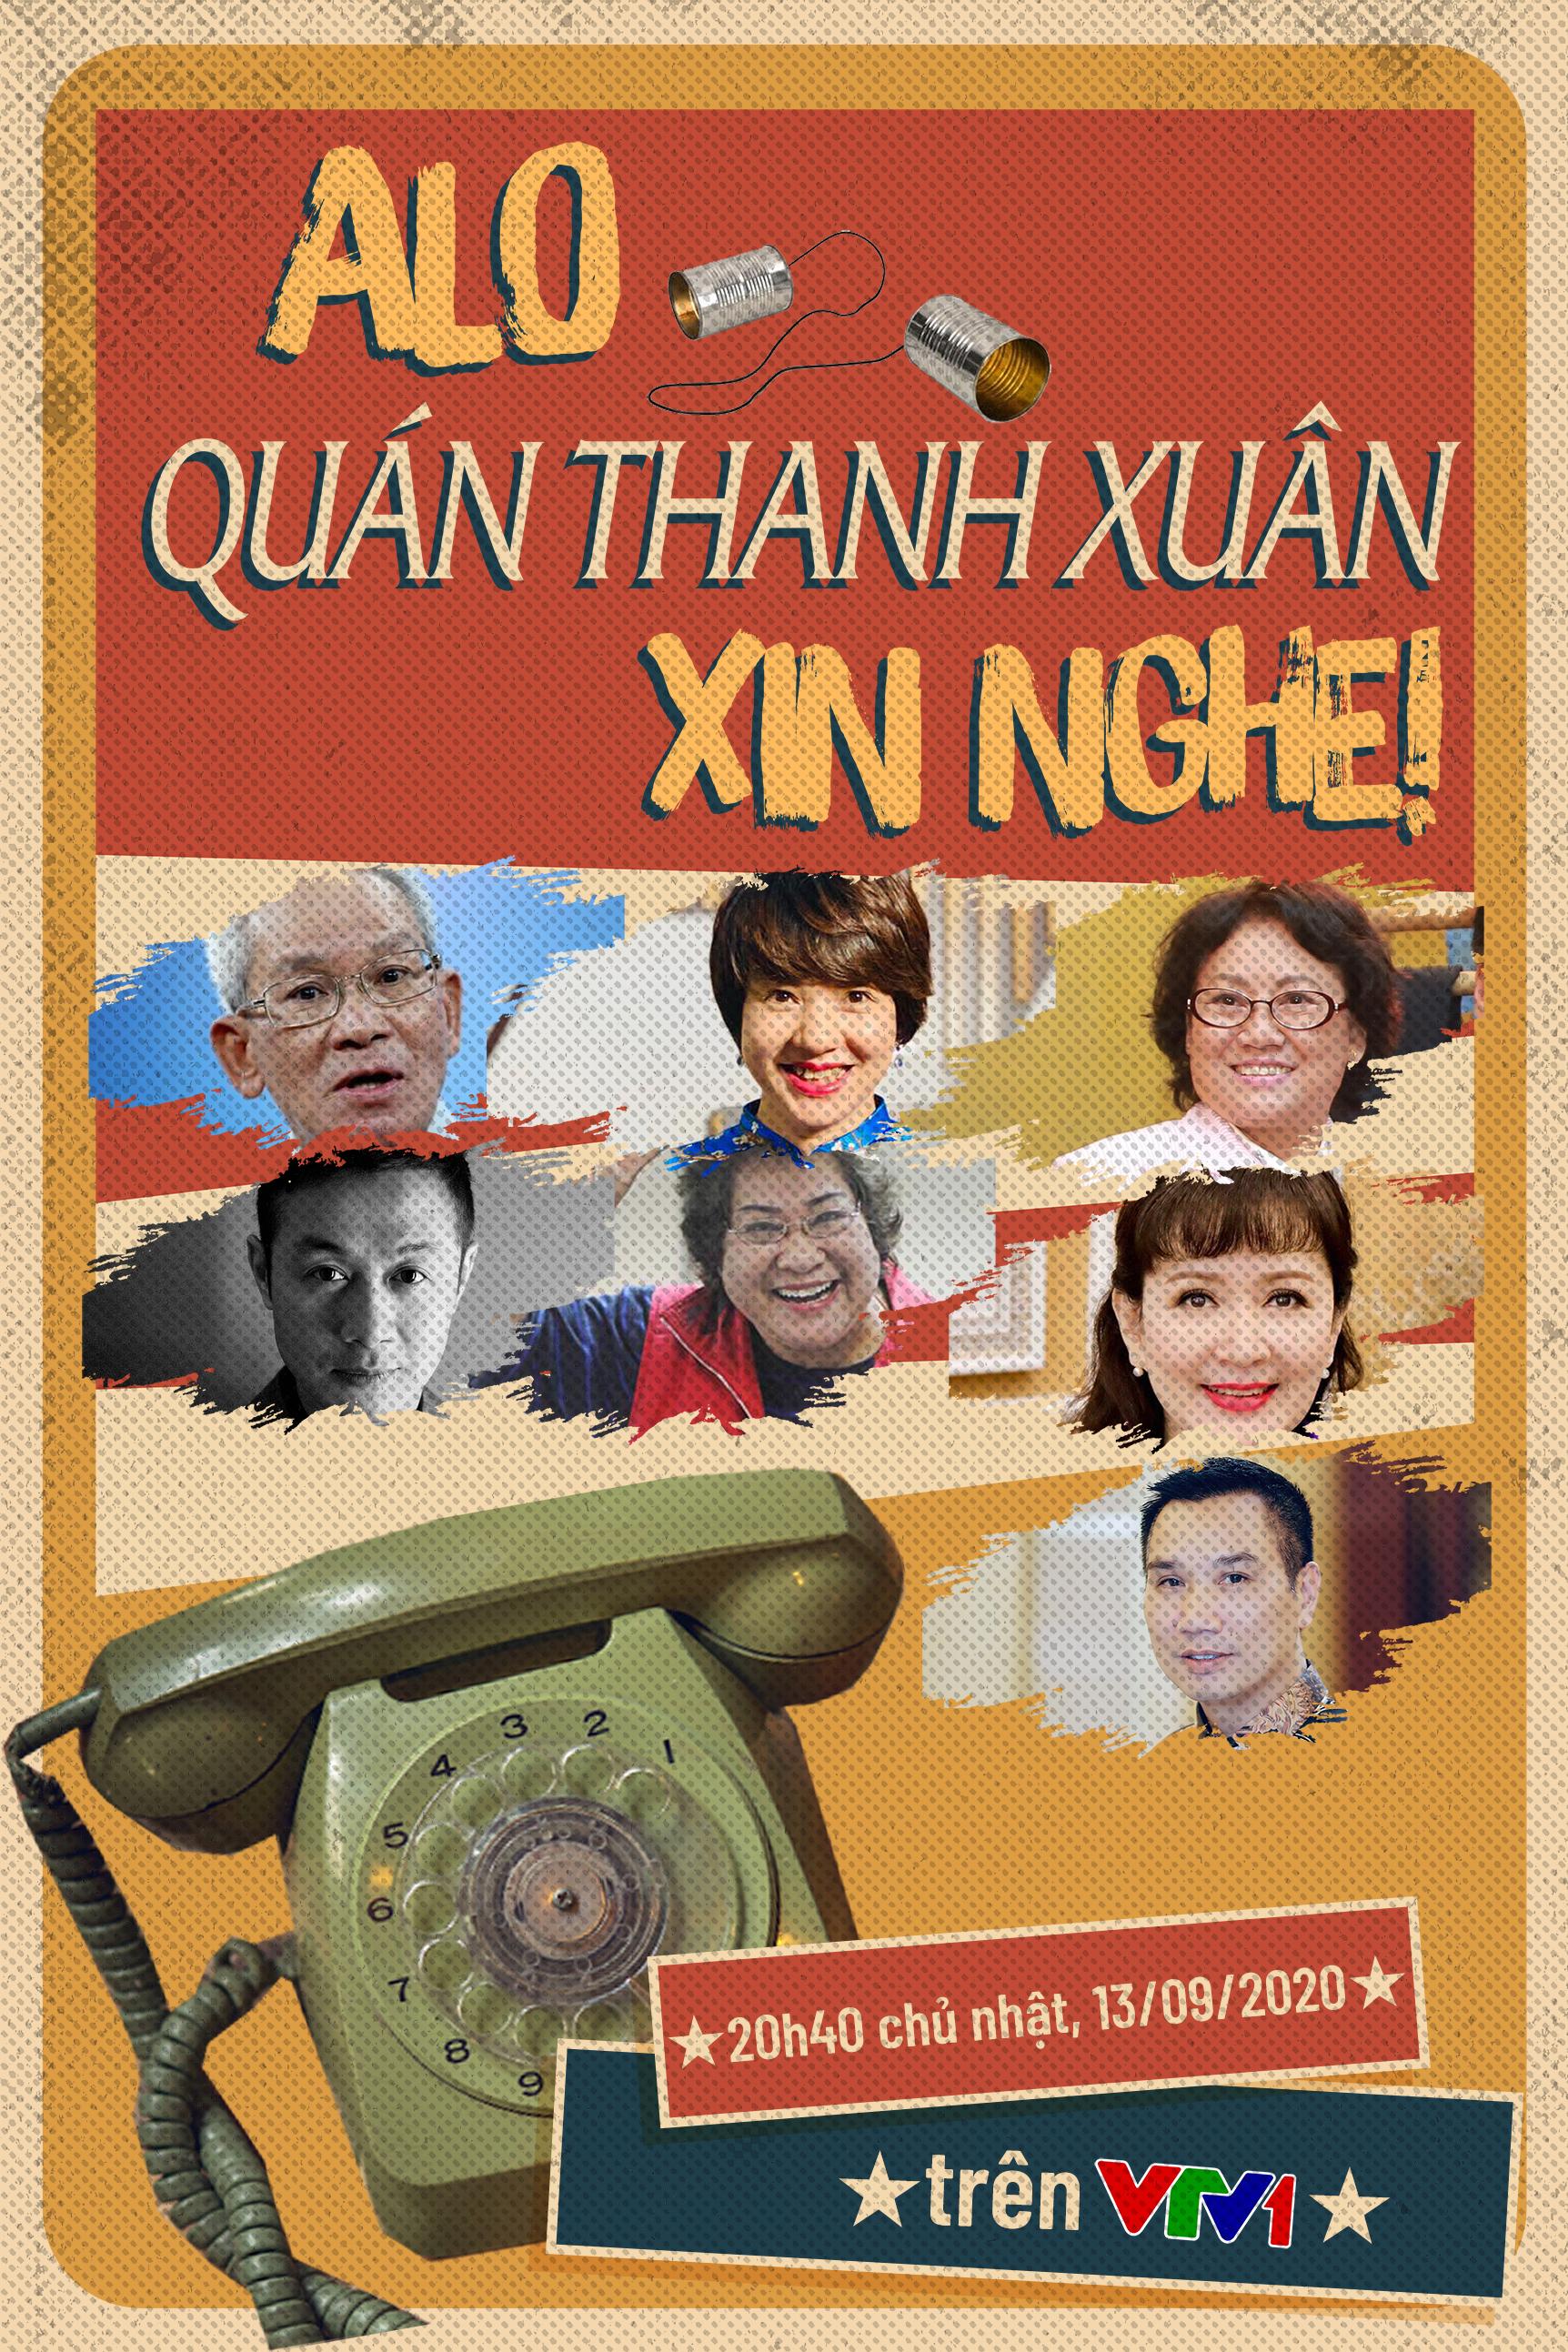 cau-chuyen-ket-noi-cach-nay-3-thap-nien